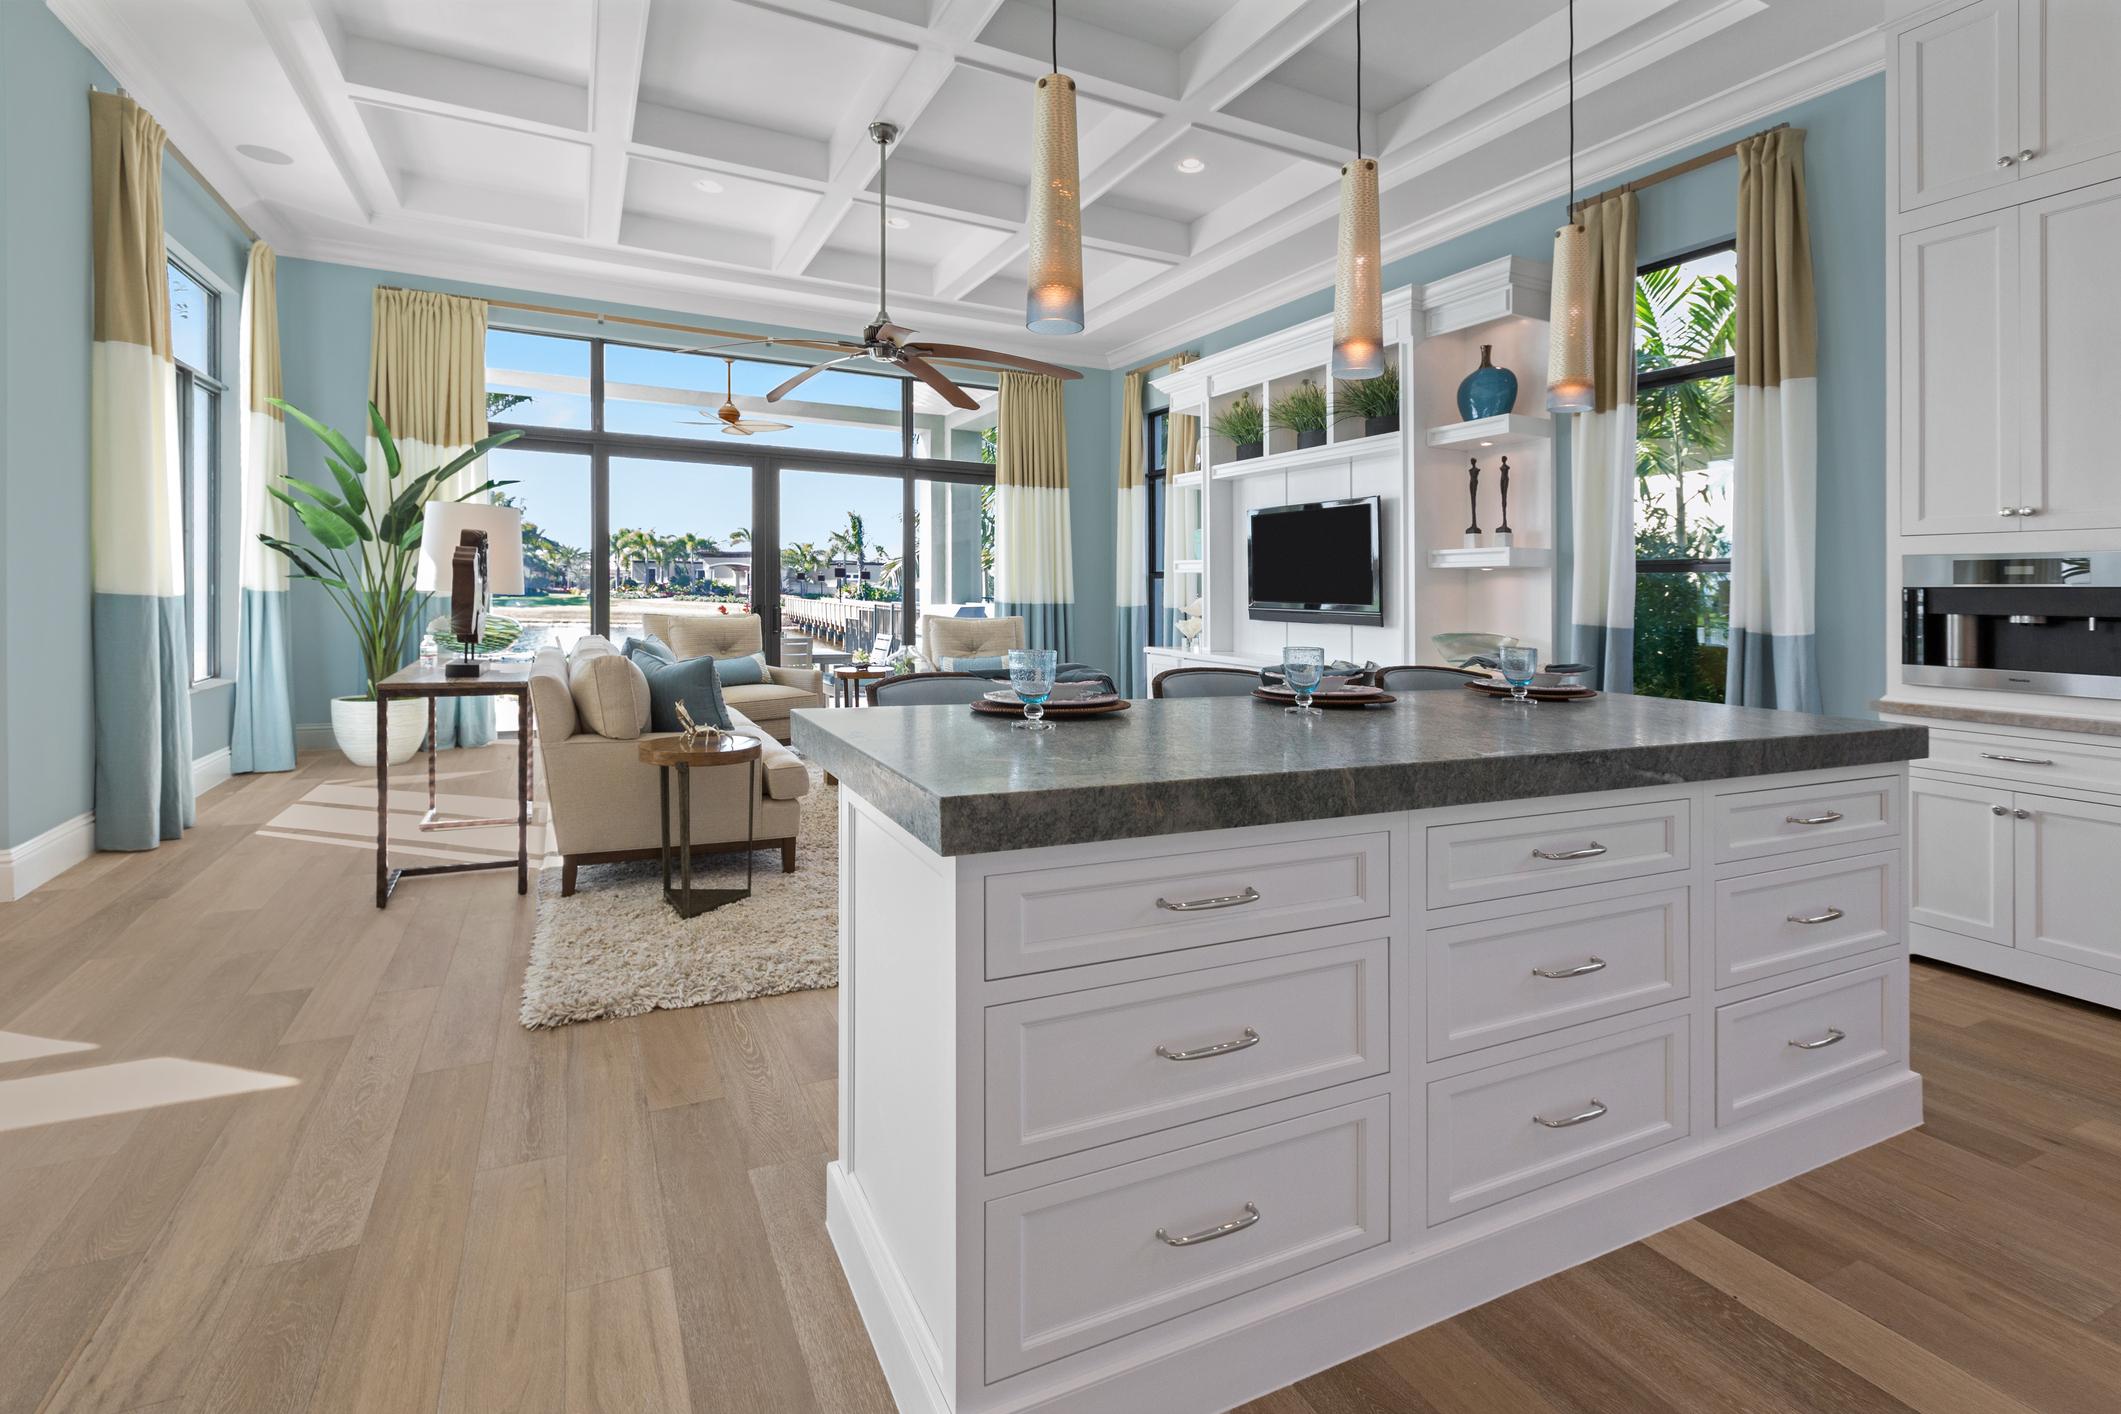 Modern beige and white kitchen.